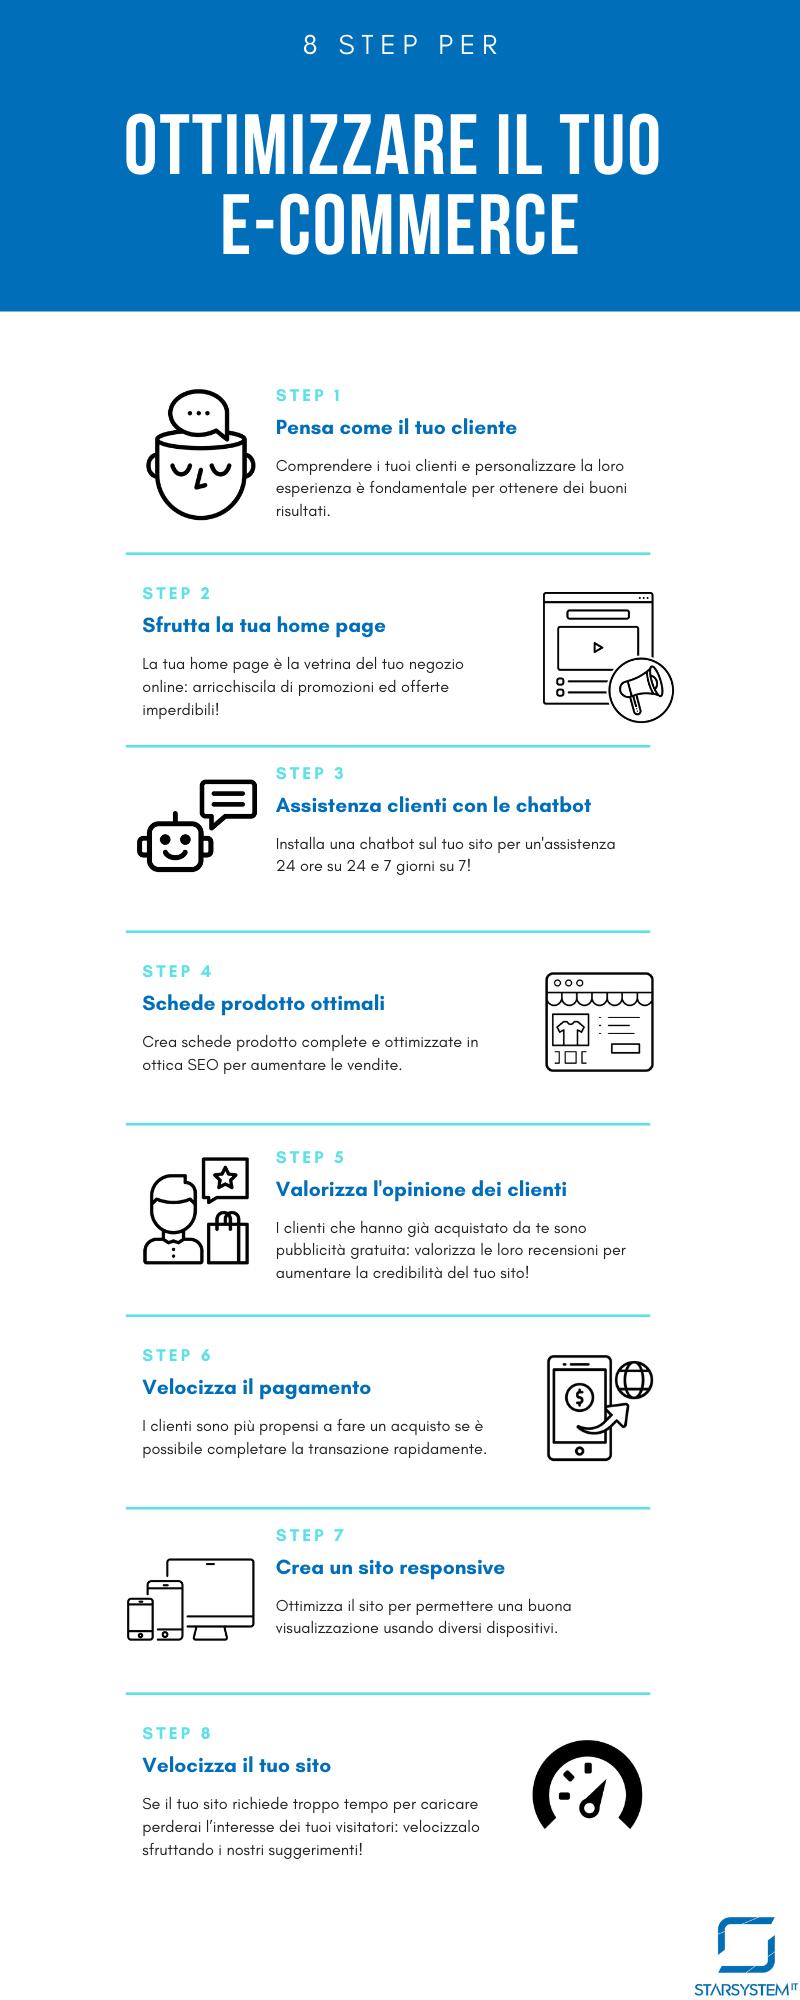 ottimizza il tuo e-commerce